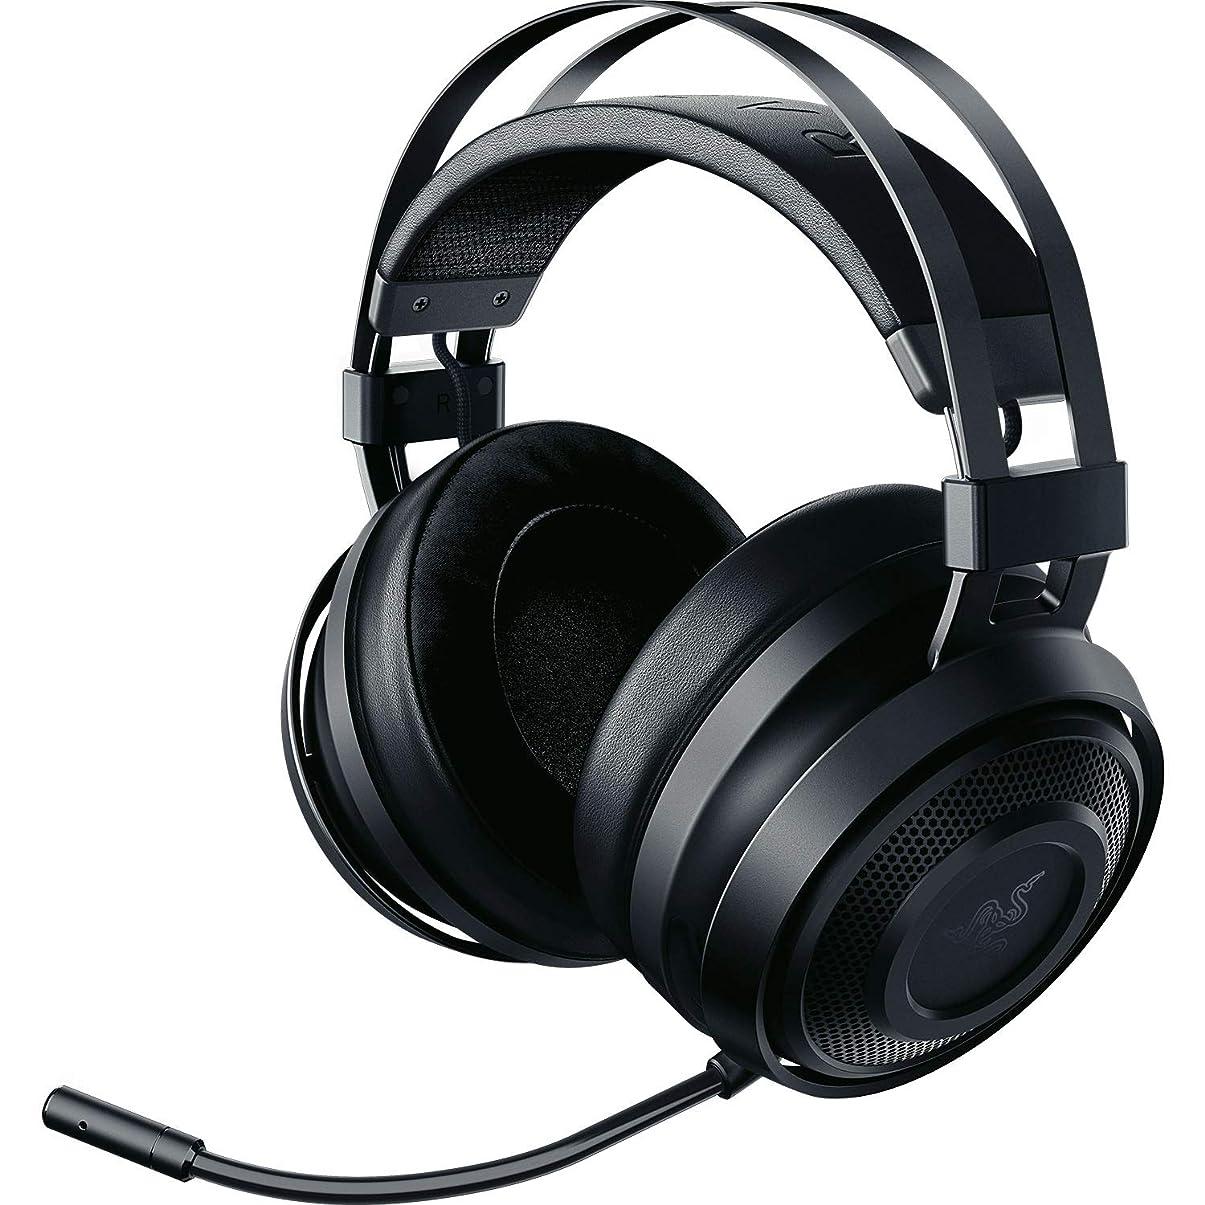 サイクロプス小川縮れたRazer Nari Essential ゲーミングヘッドセット THX 360度立体音響 無線 冷却ジェルパッド 【日本正規代理店保証品】 RZ04-02690100-R3M1